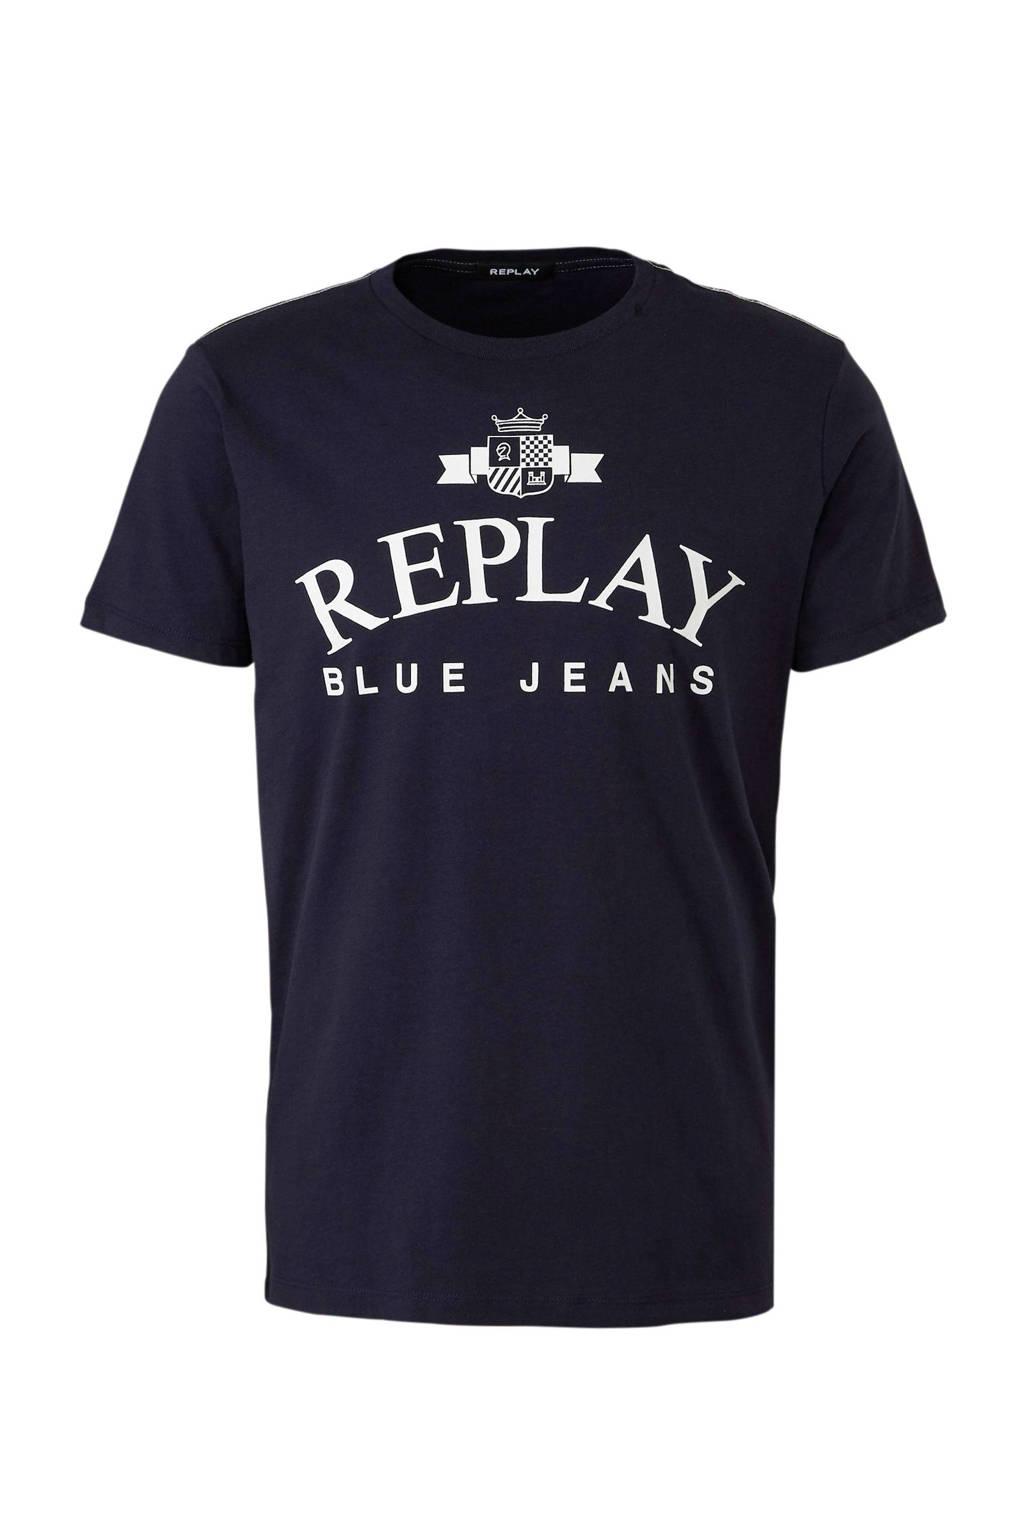 REPLAY t-shirt, Donkerblauw